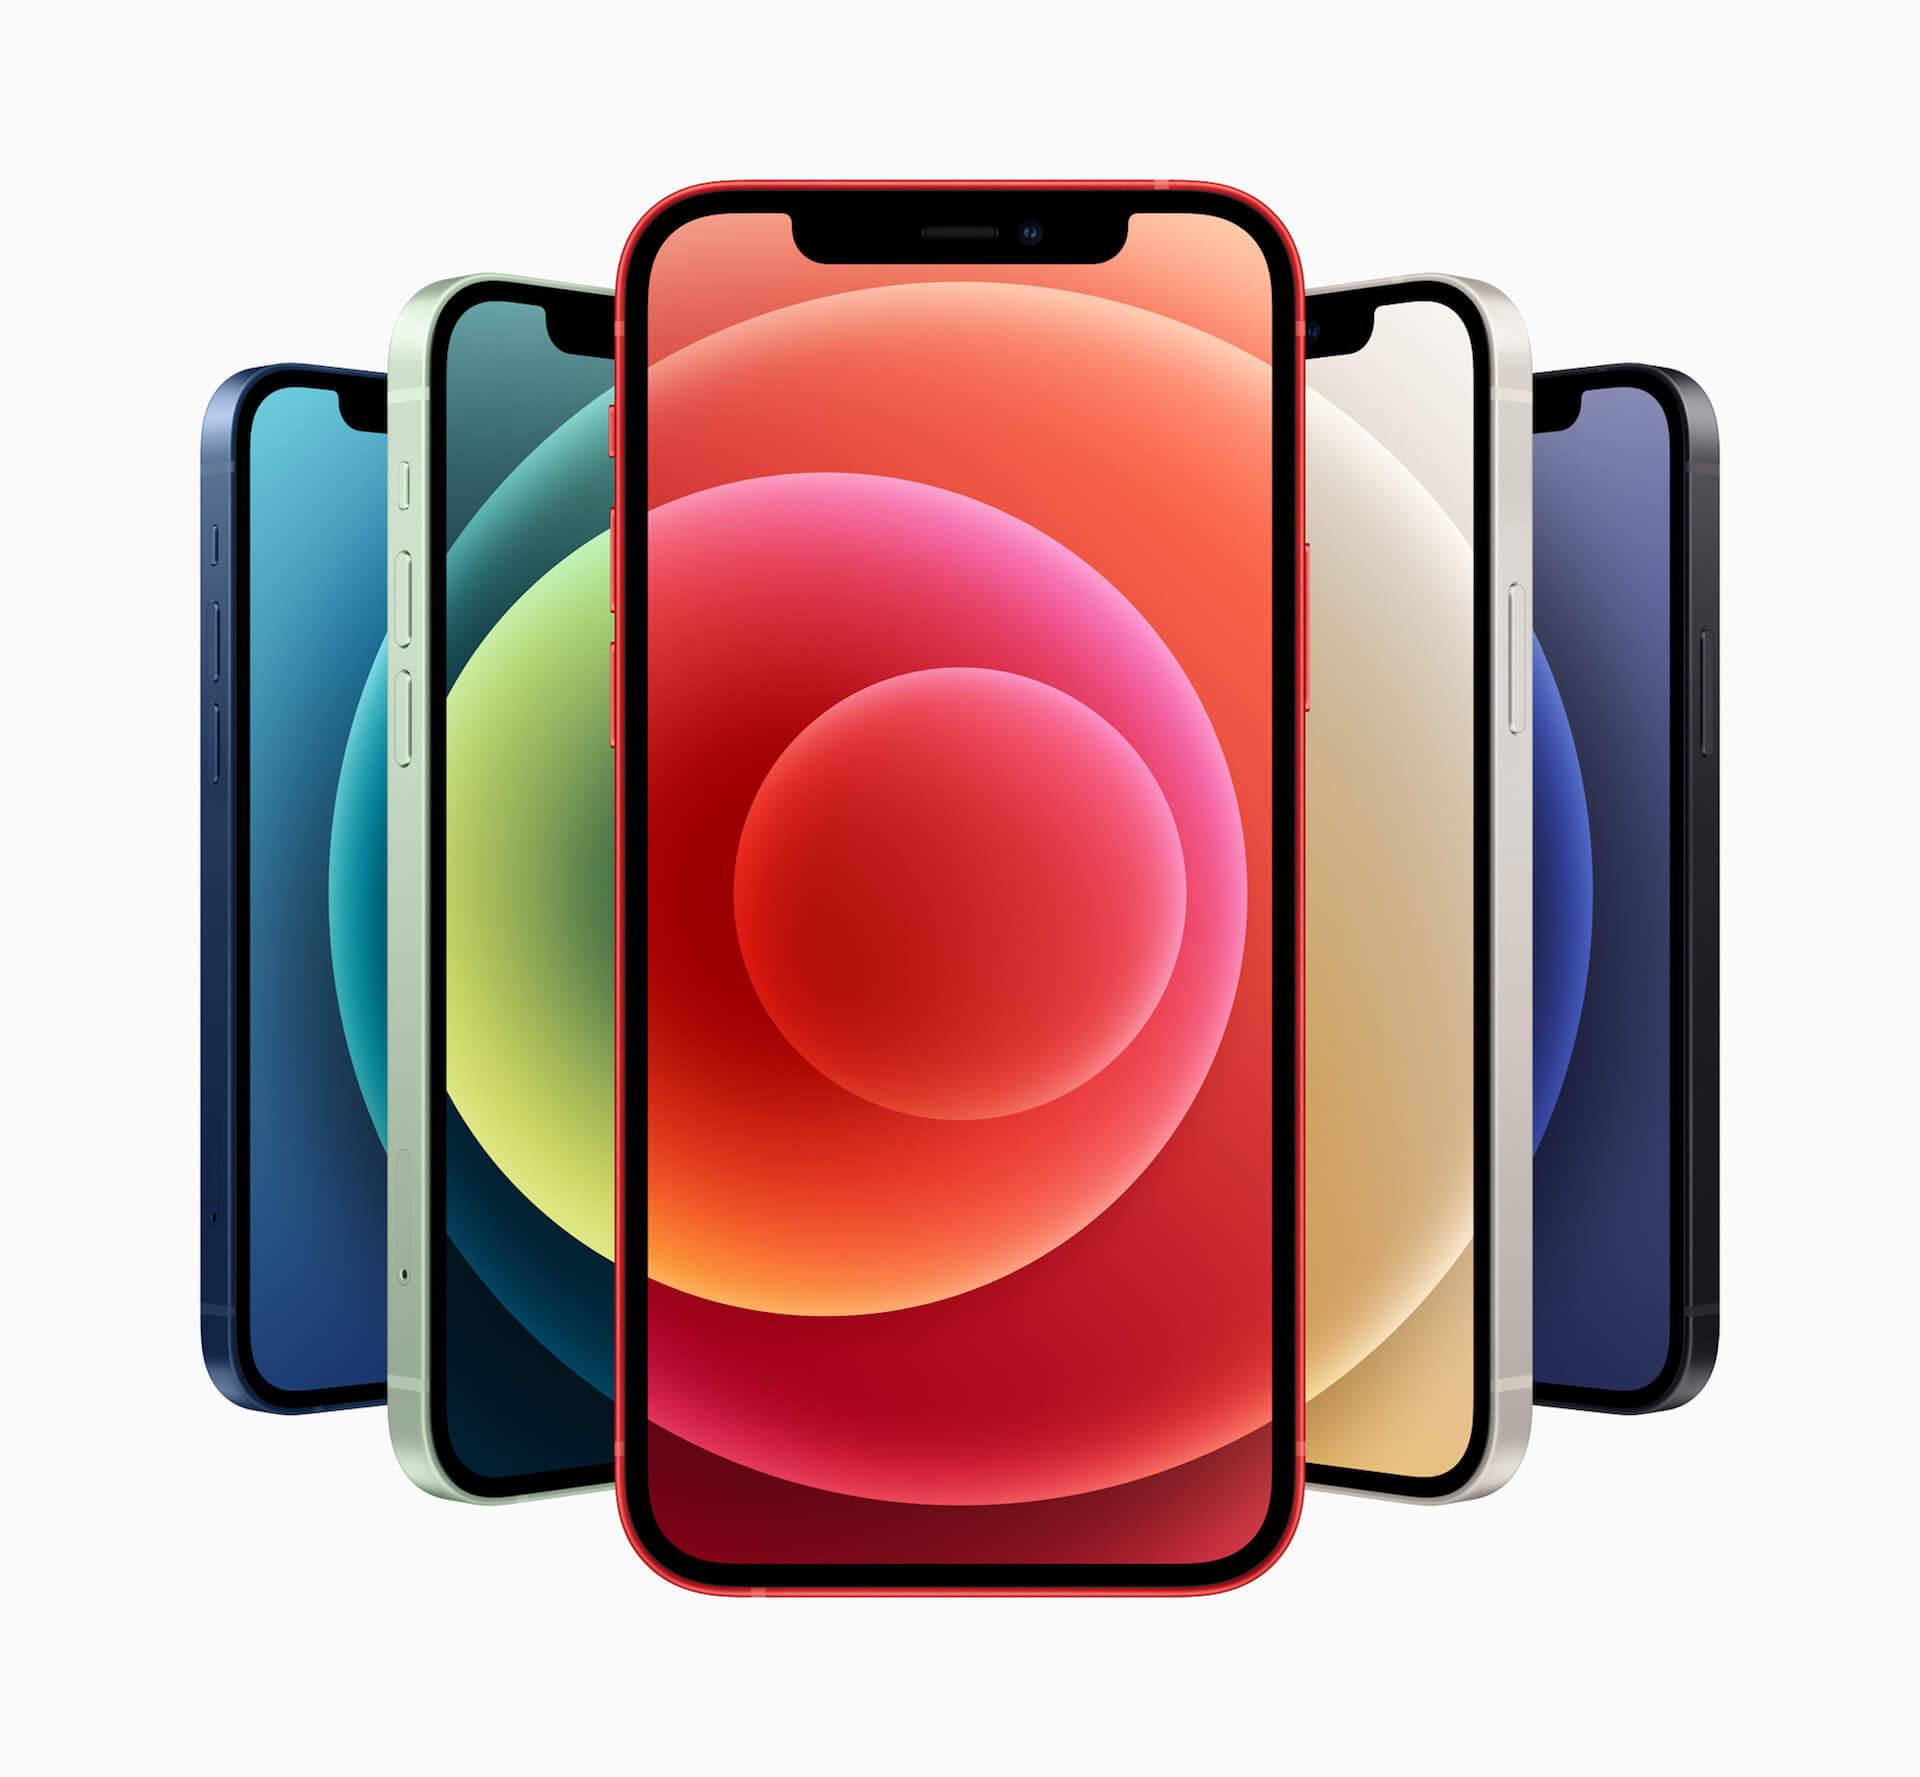 Apple初の5G対応スマホ・iPhone 12、iPhone 12 Proの開封動画がリークか?デュアルSIMでの5G使用に関する情報も tech201020_iphone12_main